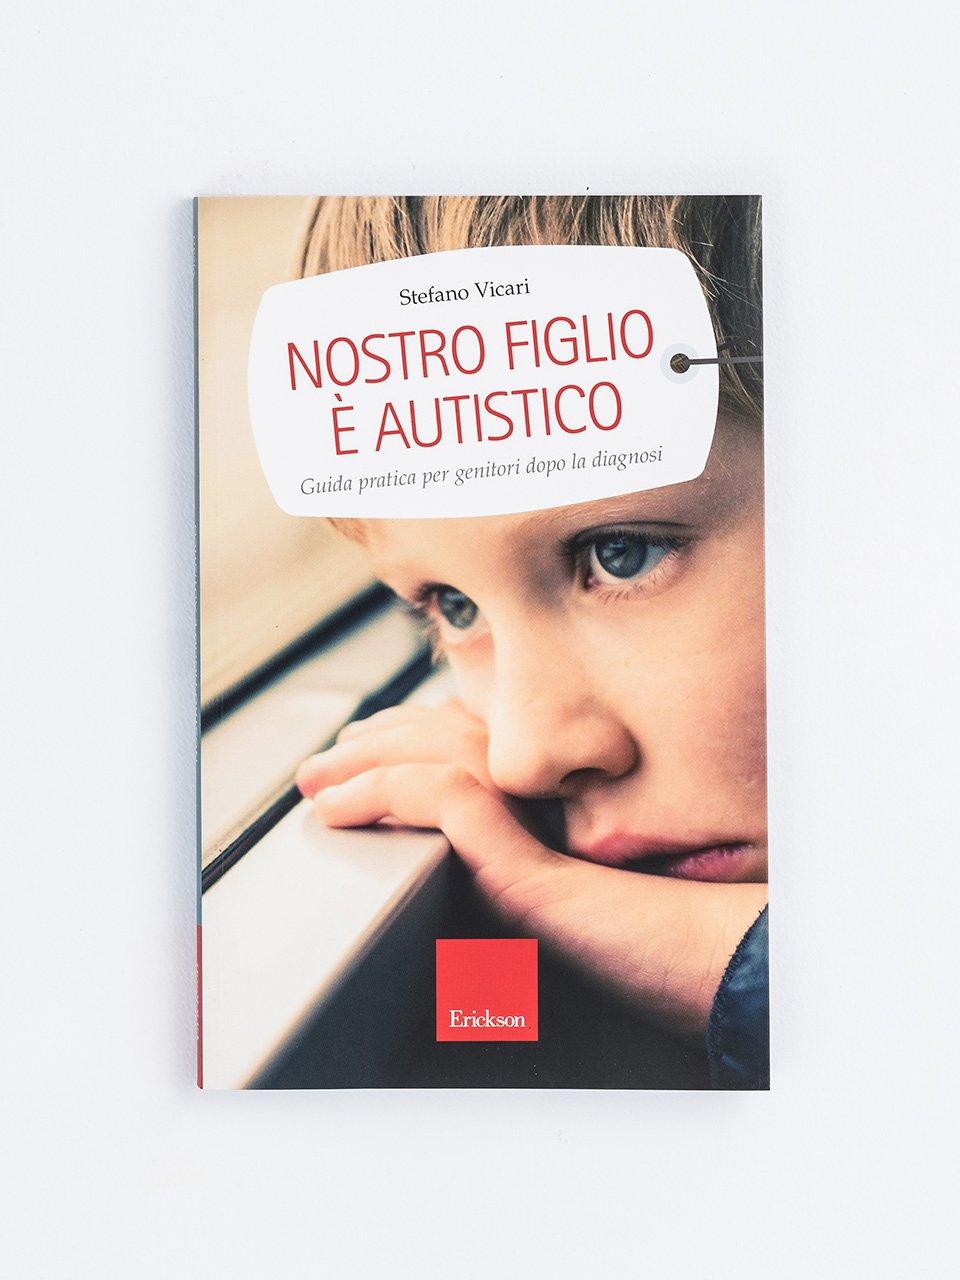 Nostro figlio è autistico - Libri - Erickson